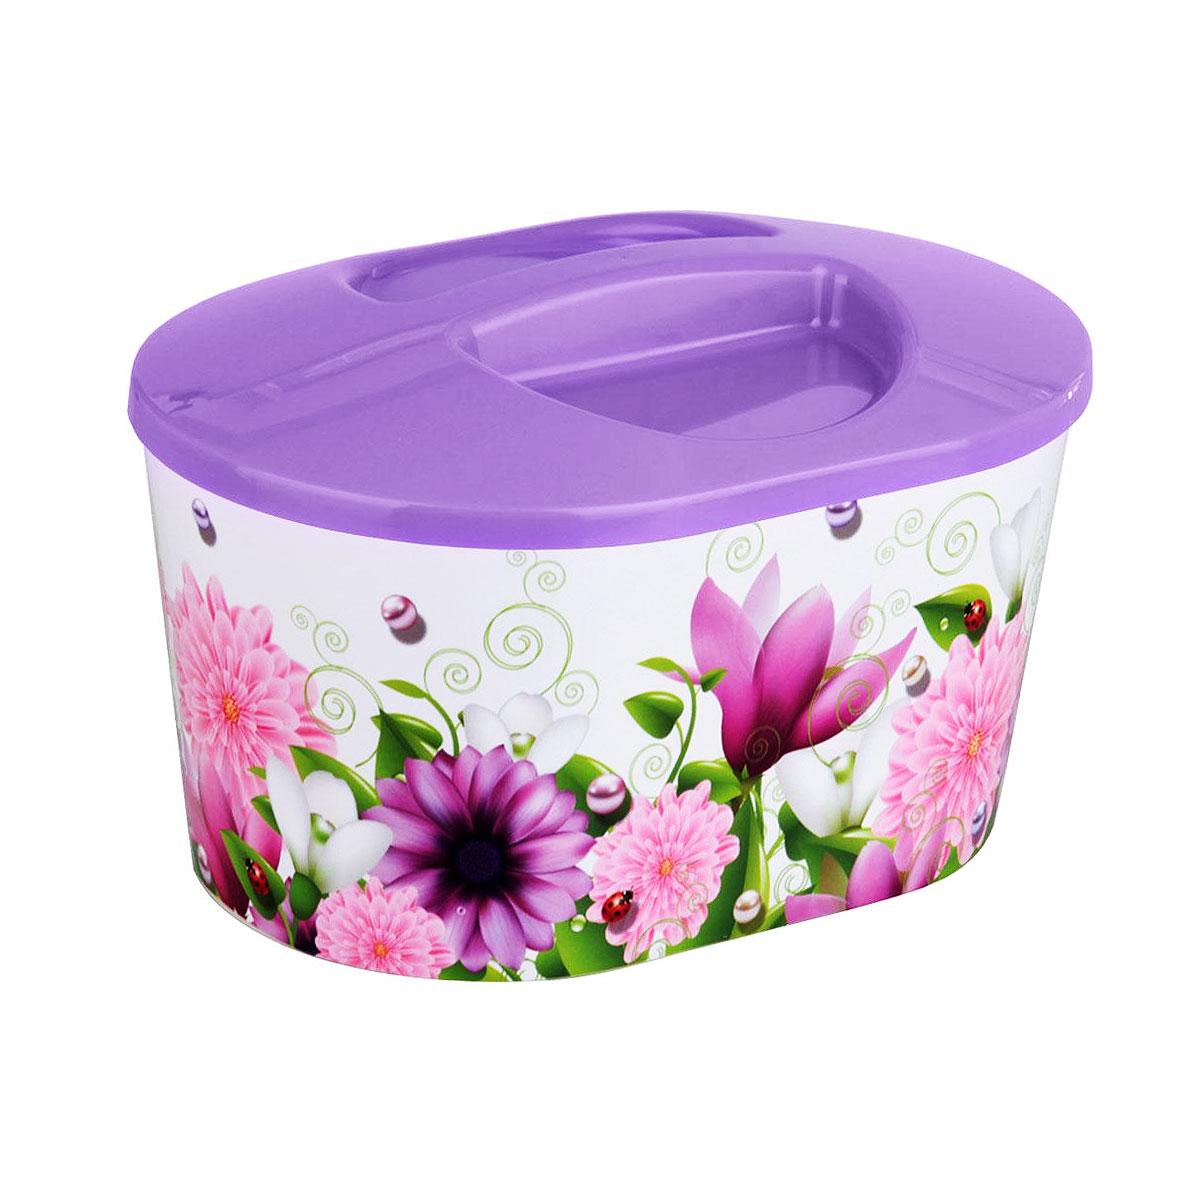 Контейнер-шкатулка Альтернатива Лира, 24 х 17,5 х 15 смМ1838_розовыйКонтейнер-шкатулка Альтернатива Лира предназначен для хранения мелких вещей. Он выполнен из пластика и декорирован ярким цветочным рисунком. Оснащен крышкой. В таком контейнере удобно хранить канцелярские принадлежности, медикаменты, принадлежности для шитья и другие мелкие вещи. Он поможет хранить все в одном месте, а также защитить вещи от пыли, грязи и влаги.